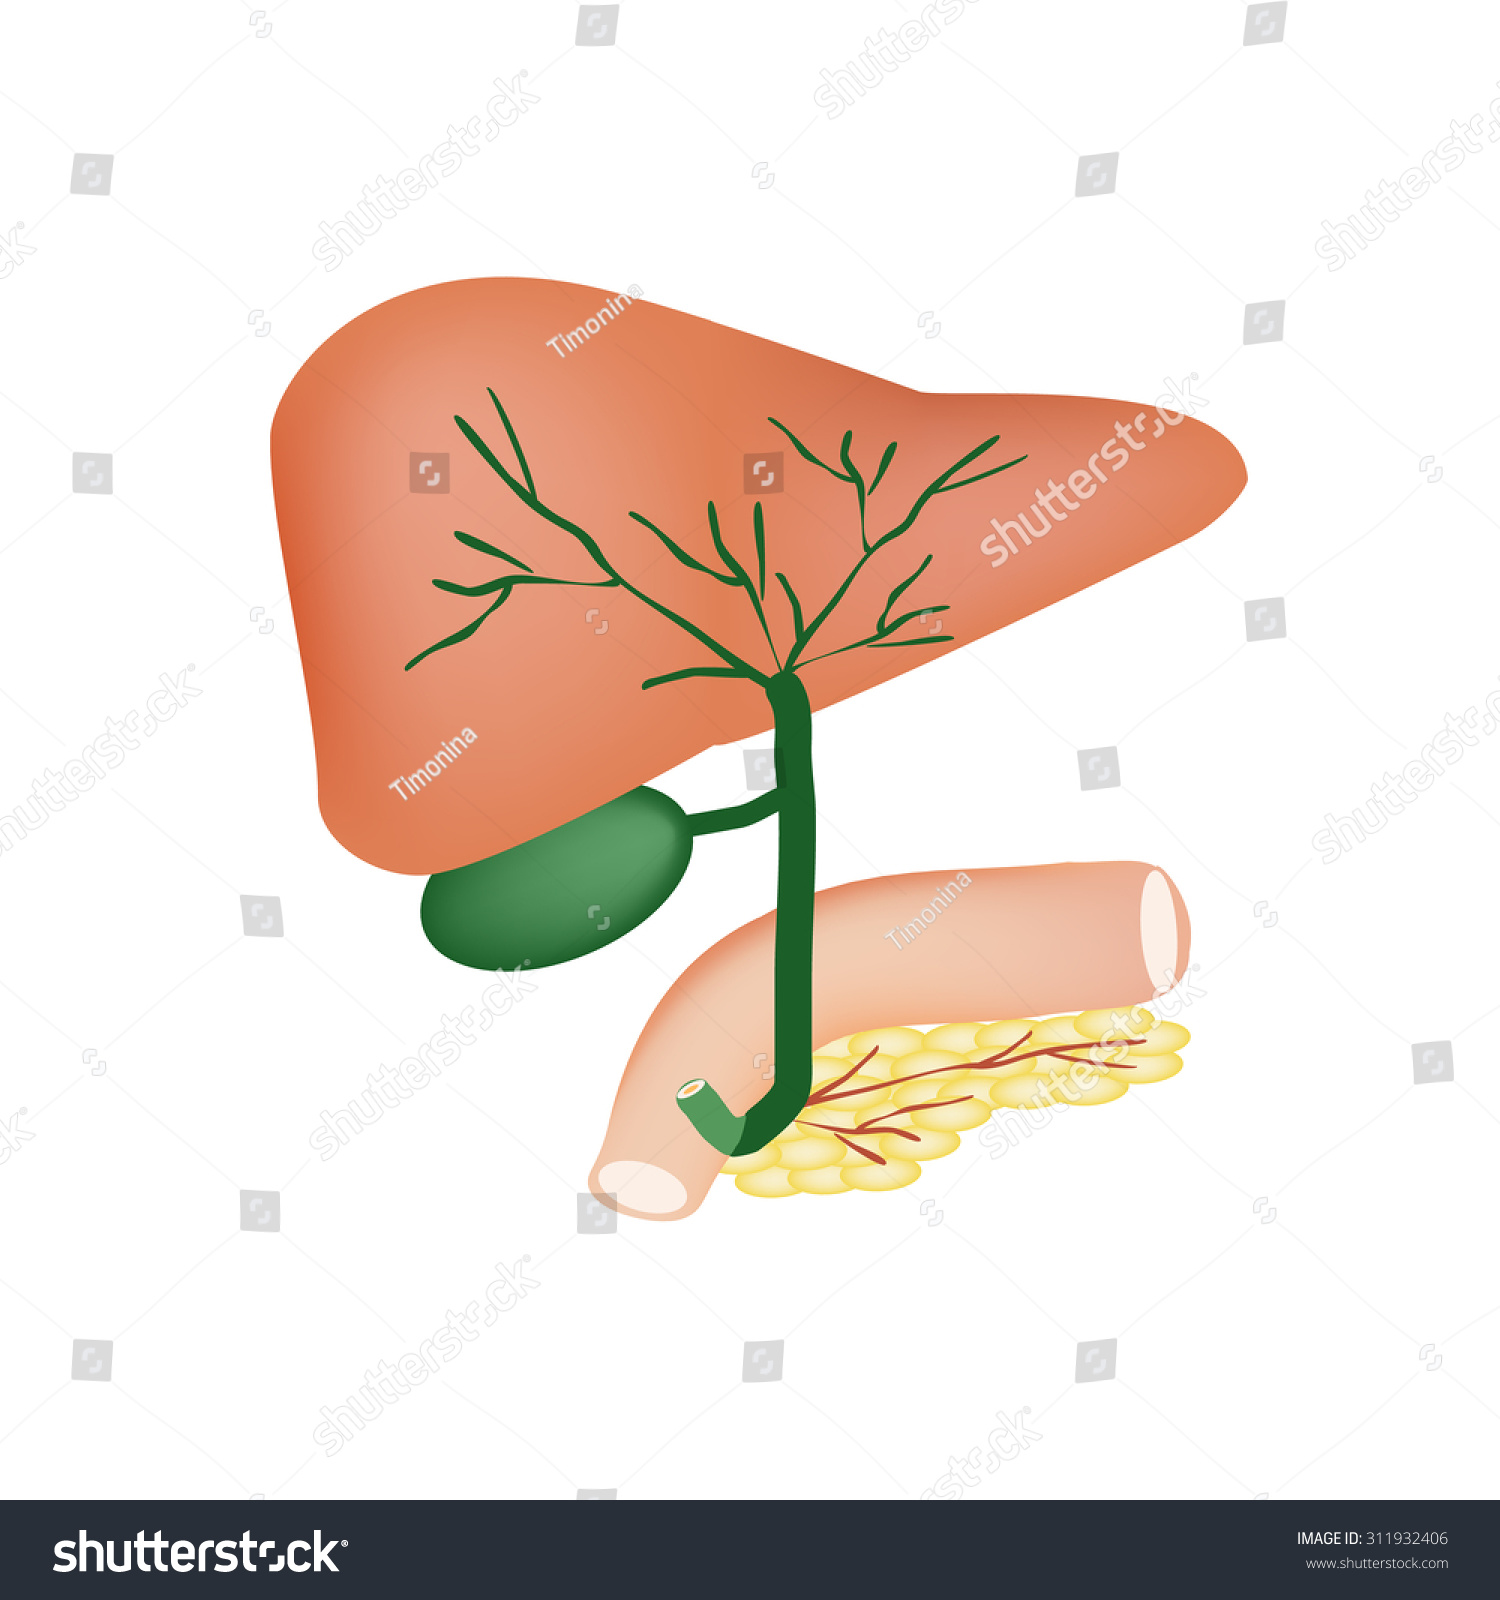 Anatomical Structure Liver Gallbladder Bile Ducts Stock Illustration ...